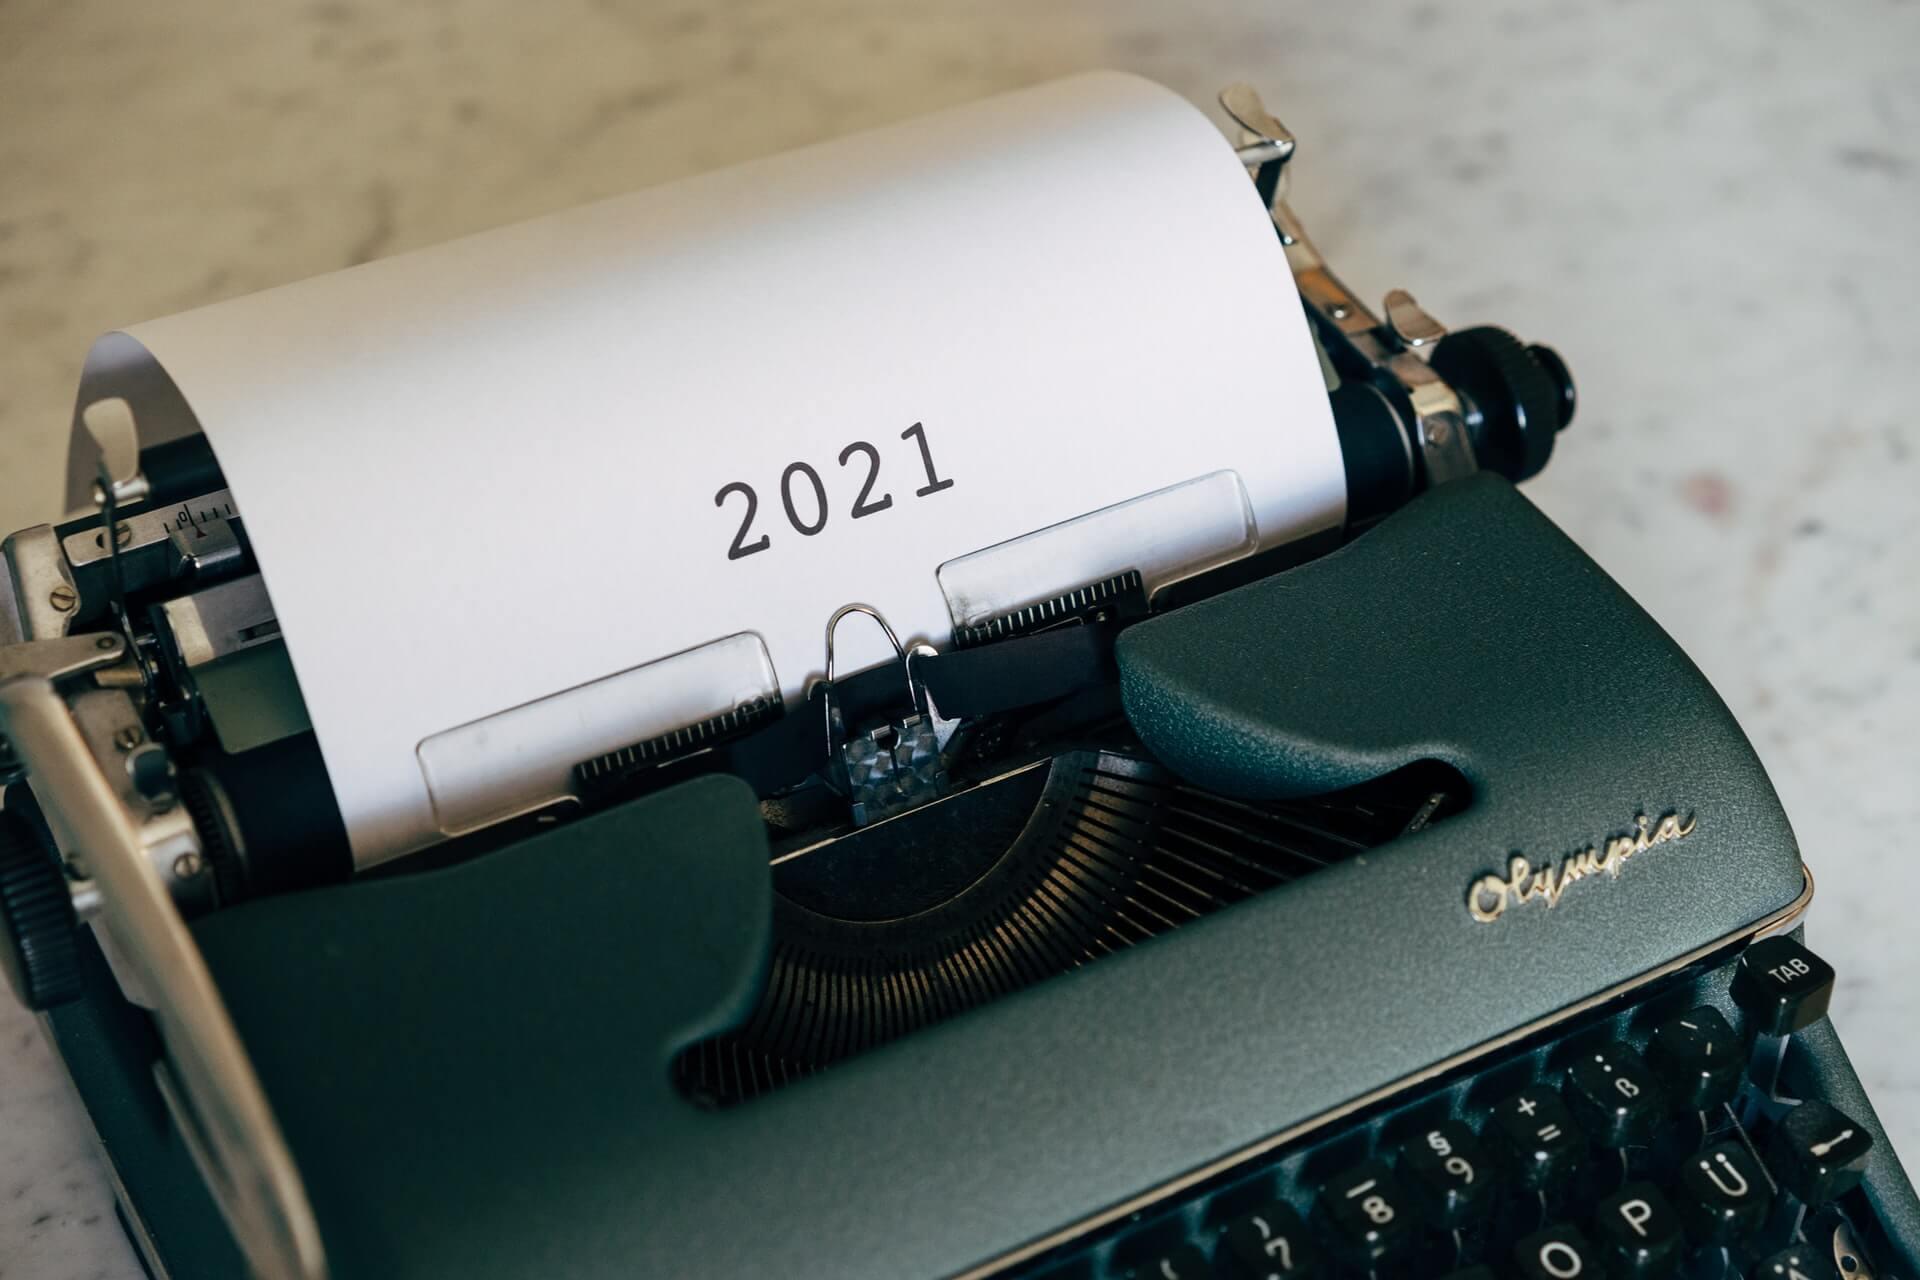 2021年度概算要求のポイント、エネルギー関連はいずれも増額